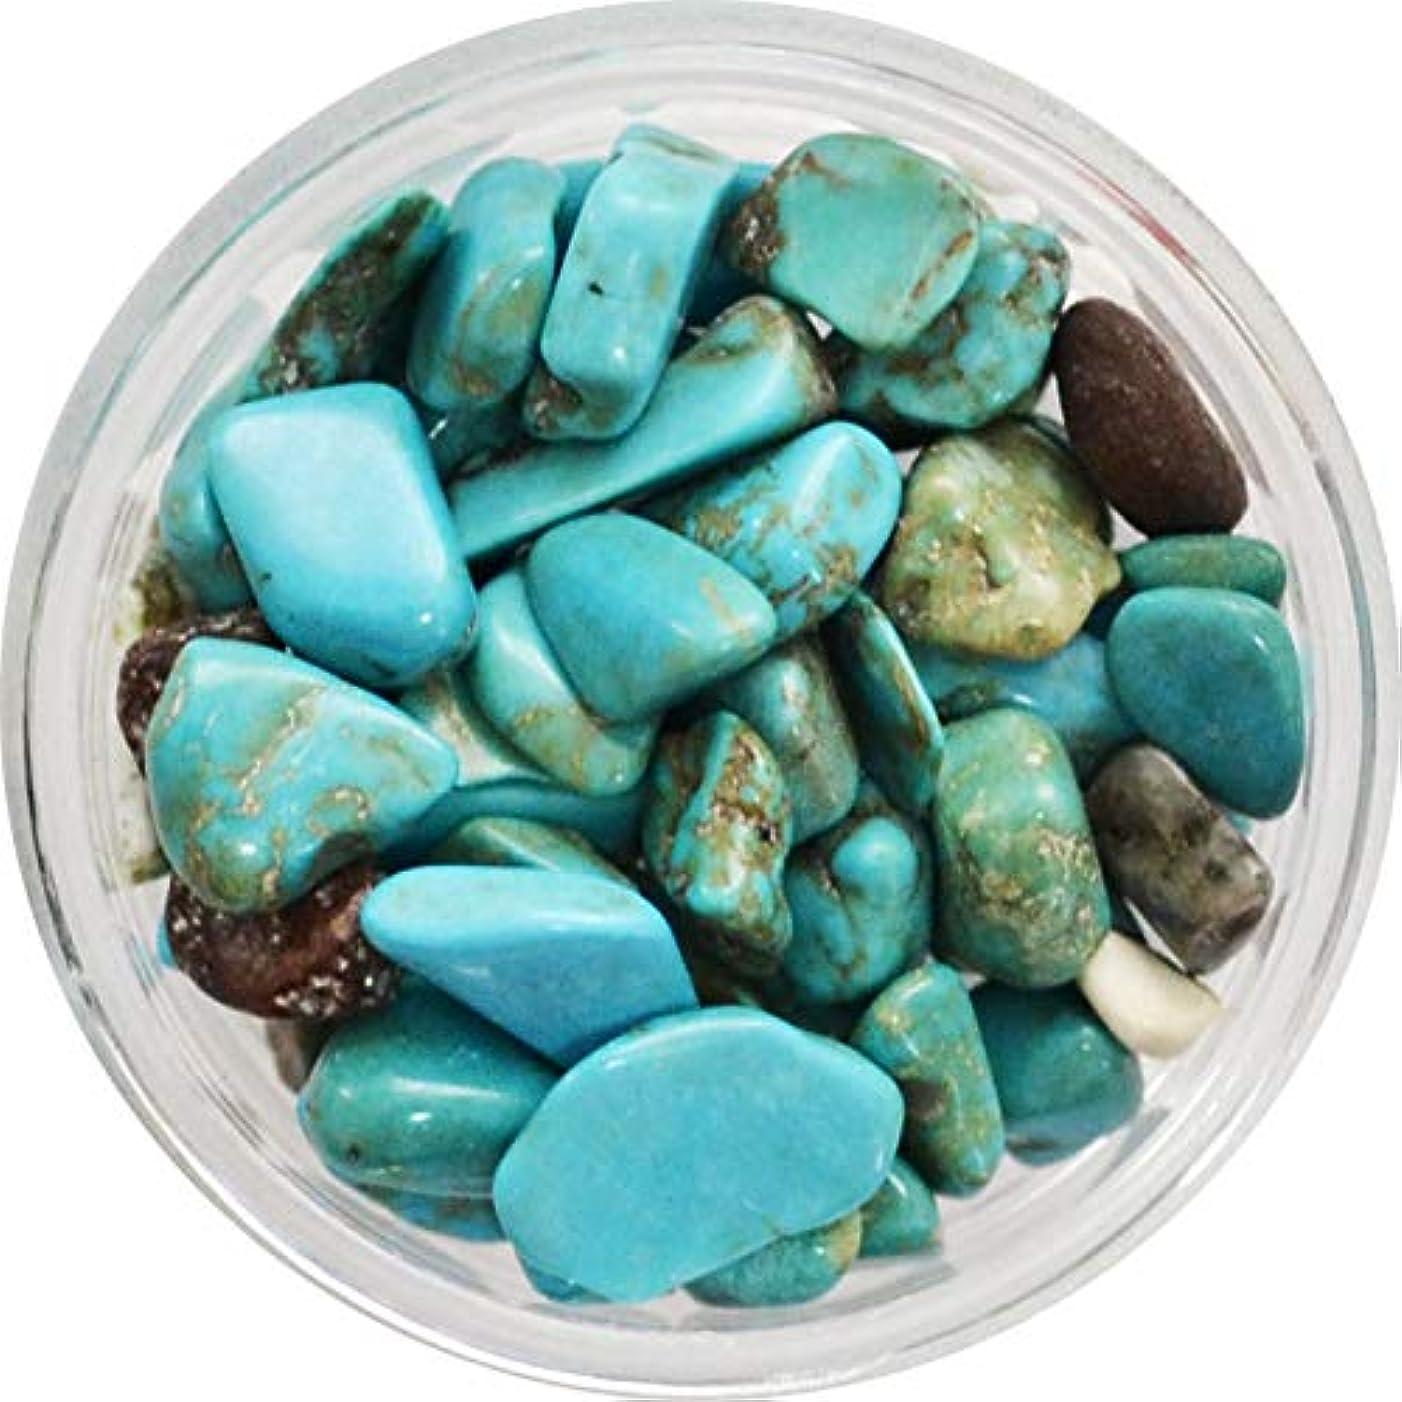 ウェイトレスの慈悲で飲料天然石のネイルパーツ Natural Stones 丸いプラスチックケース入り (ターコイズカラー)